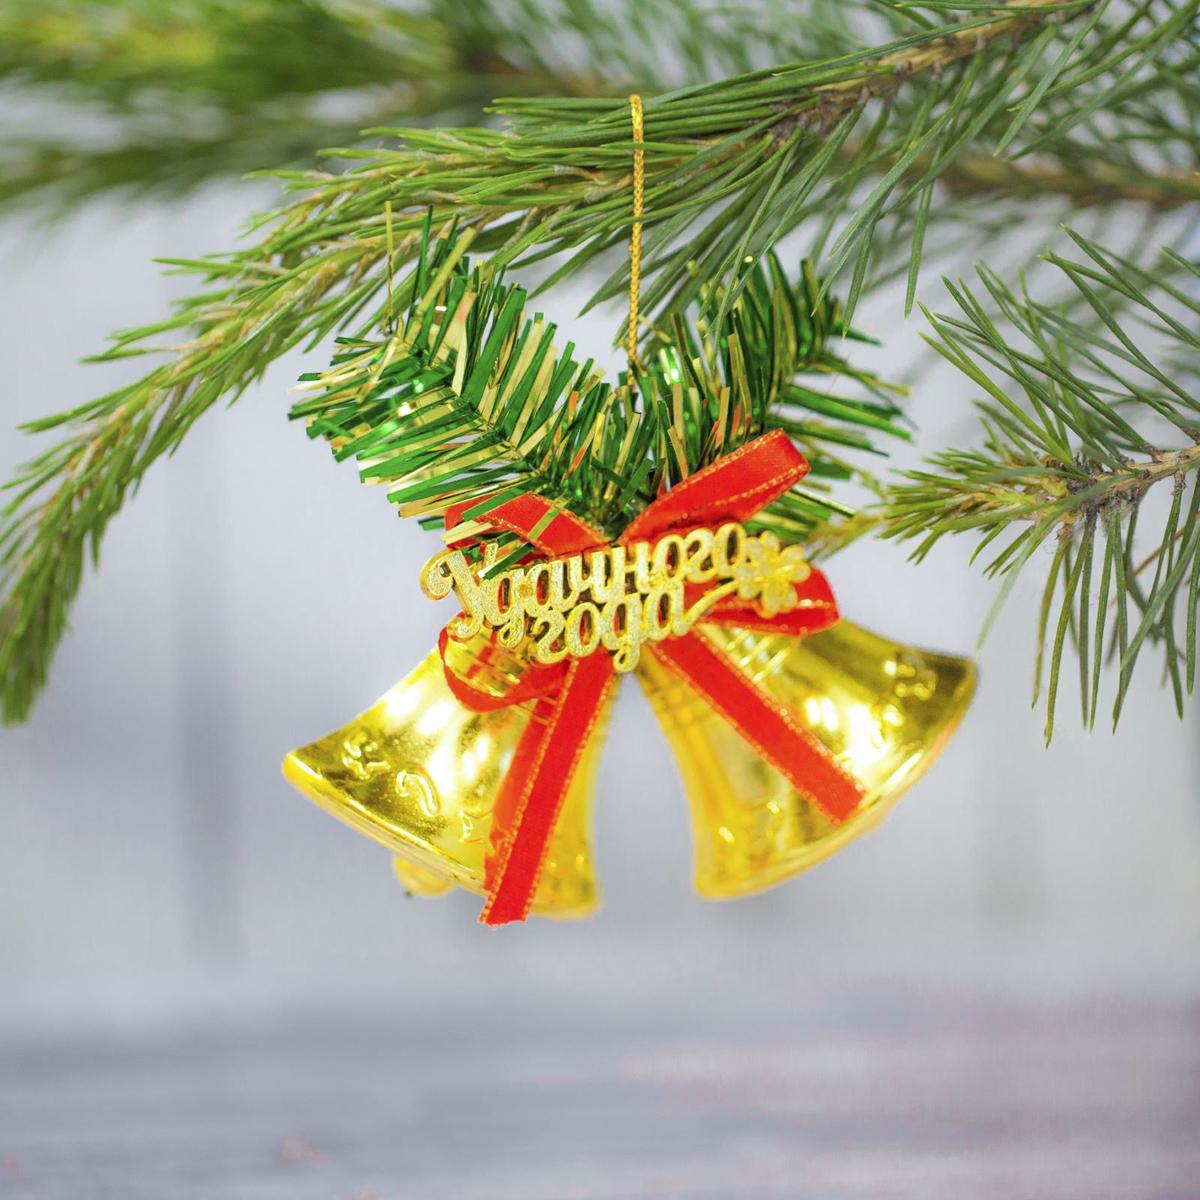 Украшение новогоднее подвесное Sima-land Колокольчик. Удачного года, 9 х 6 см2306755Невозможно представить нашу жизнь без праздников! Мы всегда ждём их и предвкушаем, обдумываем, как проведём памятный день, тщательно выбираем подарки и аксессуары, ведь именно они создают и поддерживают торжественный настрой.